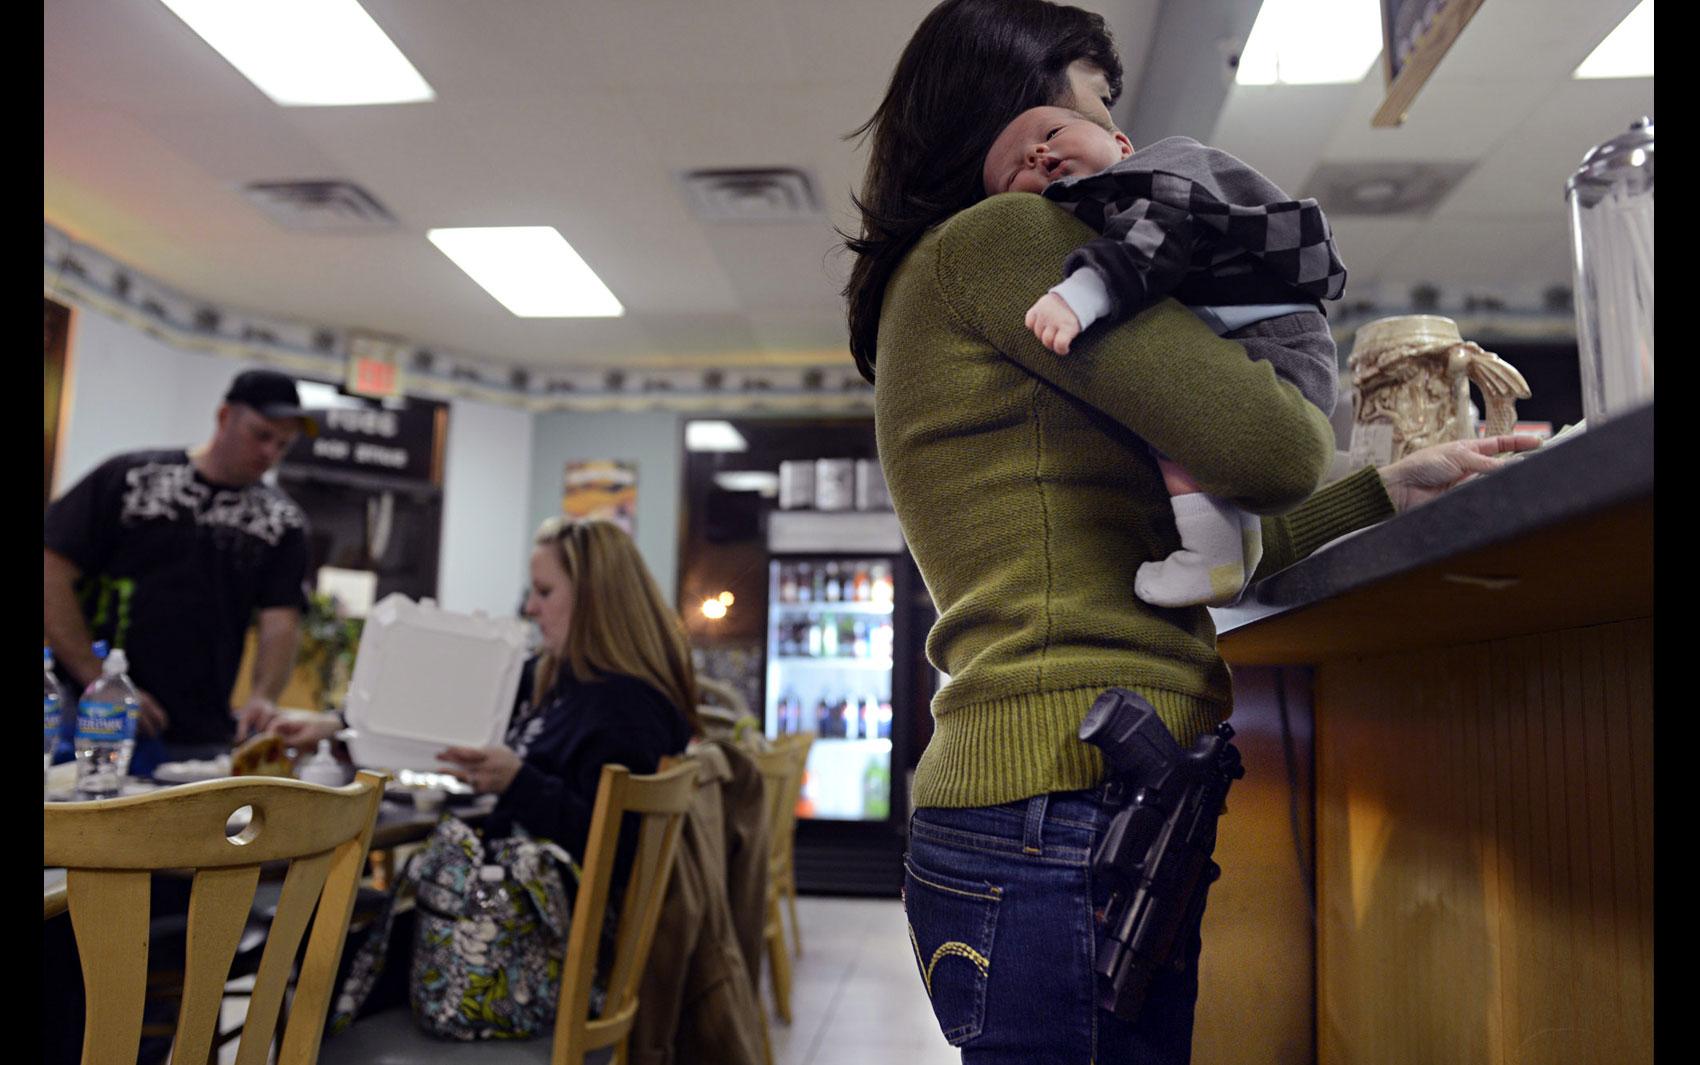 Com o filho de duas semanas de idade no colo e uma pistola à cintura, mulher paga a conta na pizzaria All Around, em Virginia Beach. O local oferece 15% de desconto para clientes portando armas ou que apresentem a permissão ao porte.